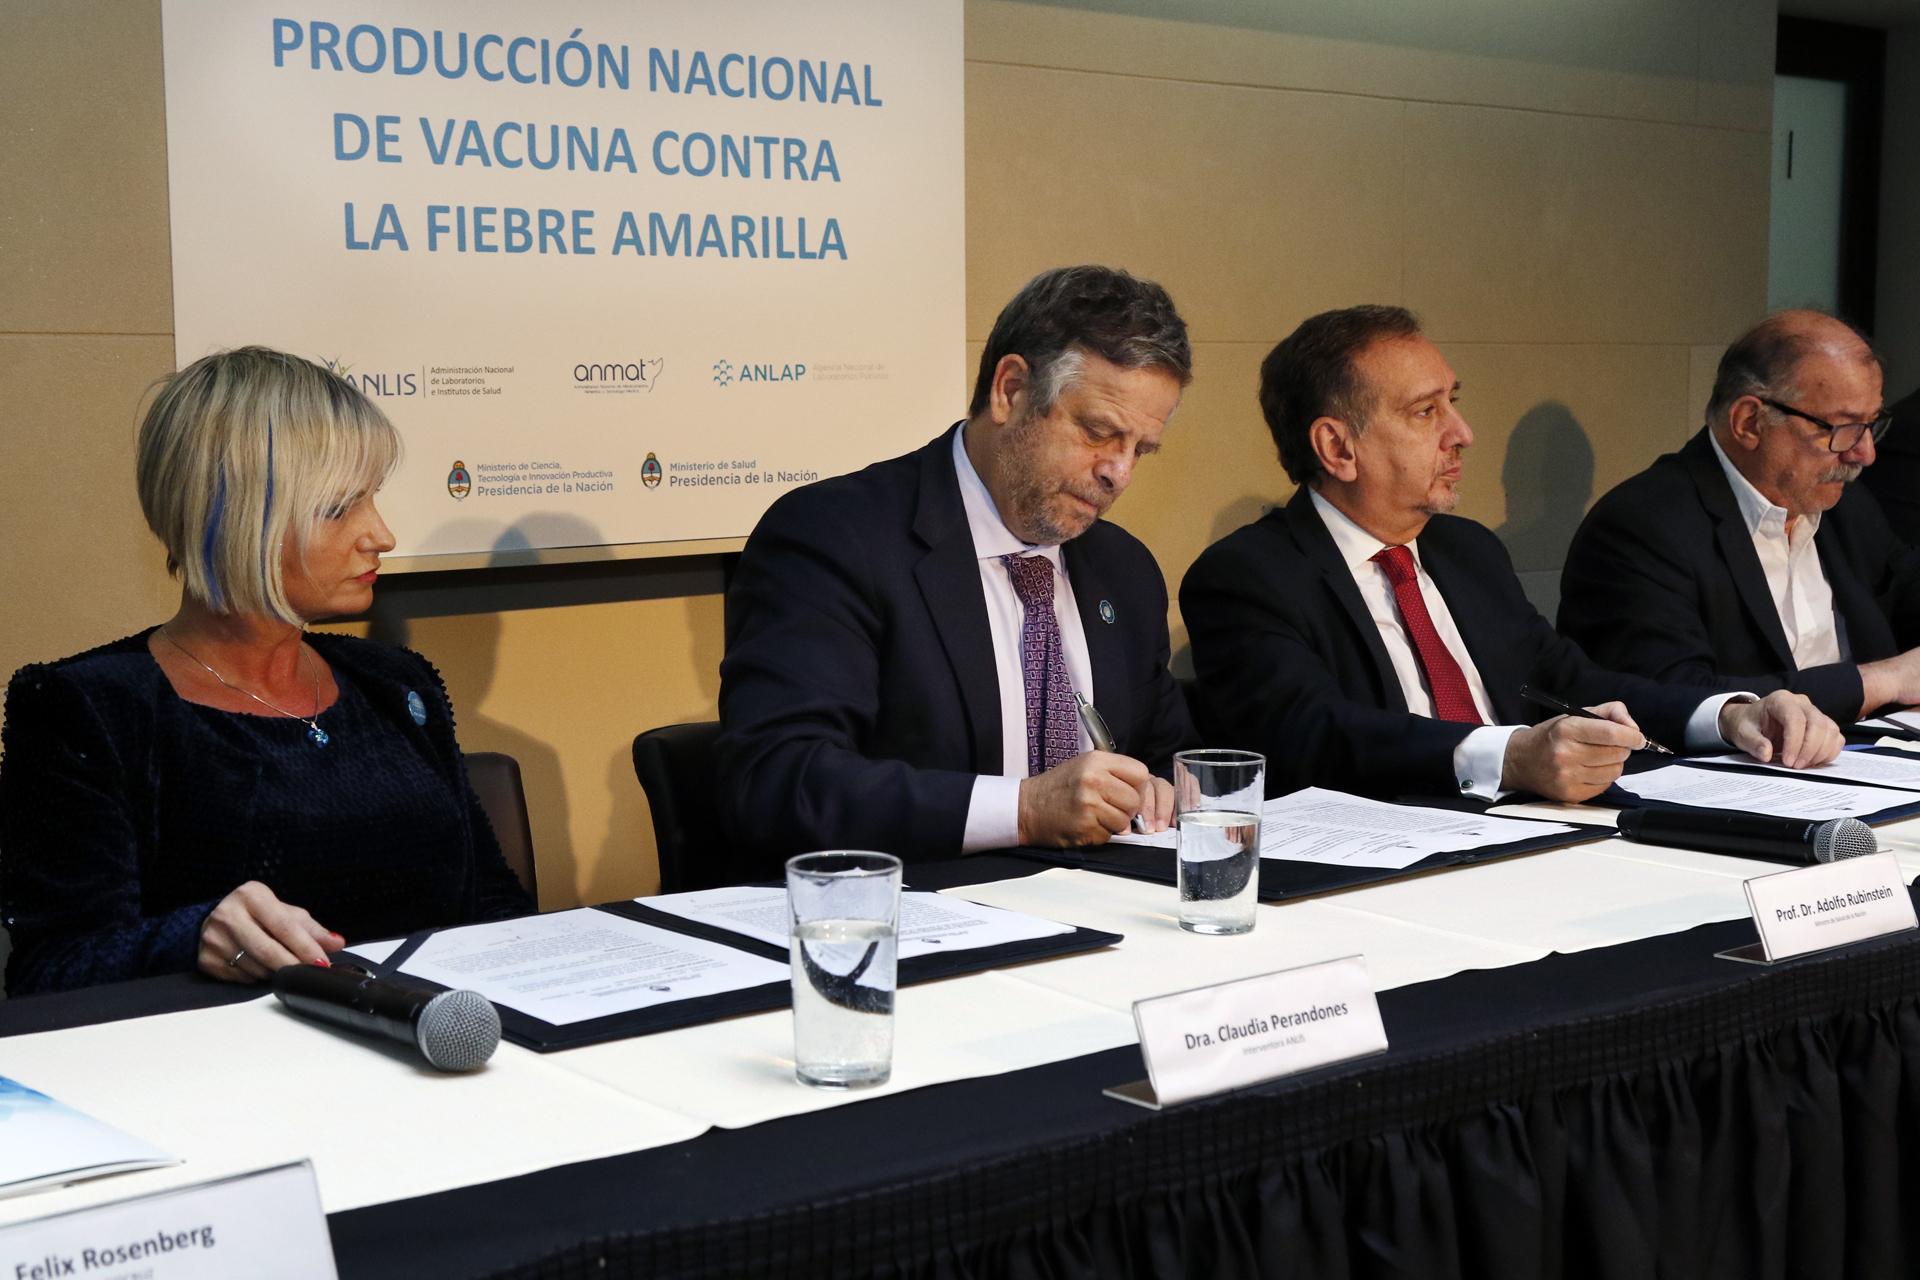 11-05-18 Rubinstein y Barañao convenio producción vacuna fiebre amarilla 5